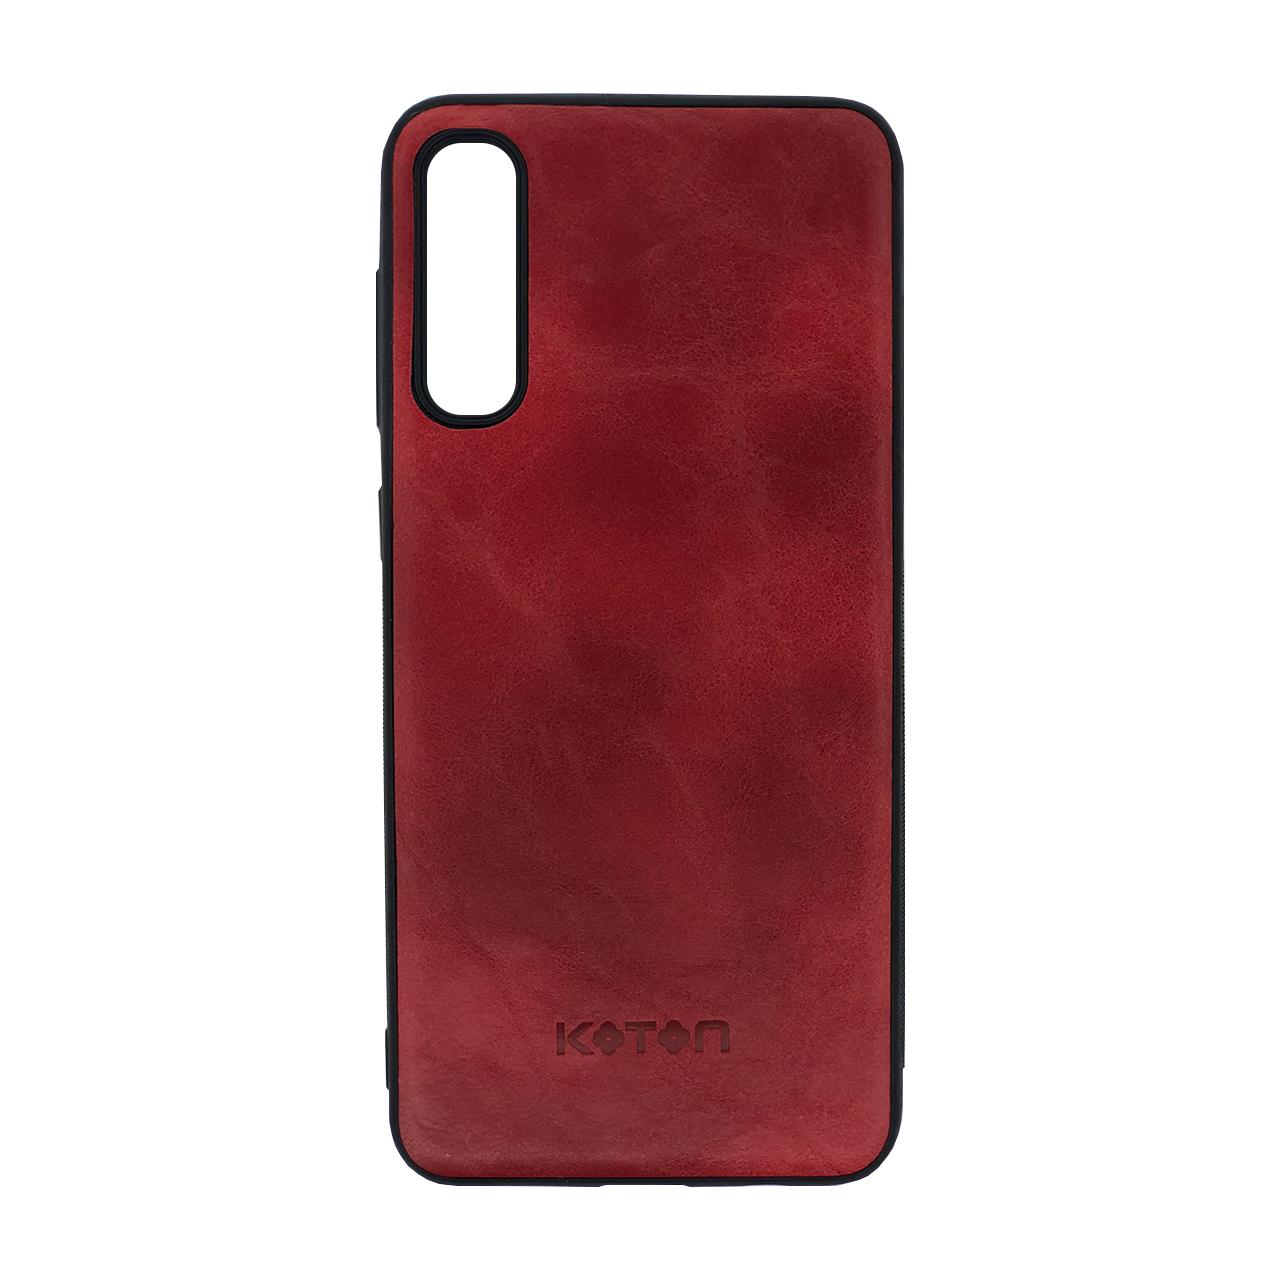 بررسی و {خرید با تخفیف} کاور مدل R-K مناسب برای گوشی موبایل سامسونگ Galaxy A50 غیر اصلاصل